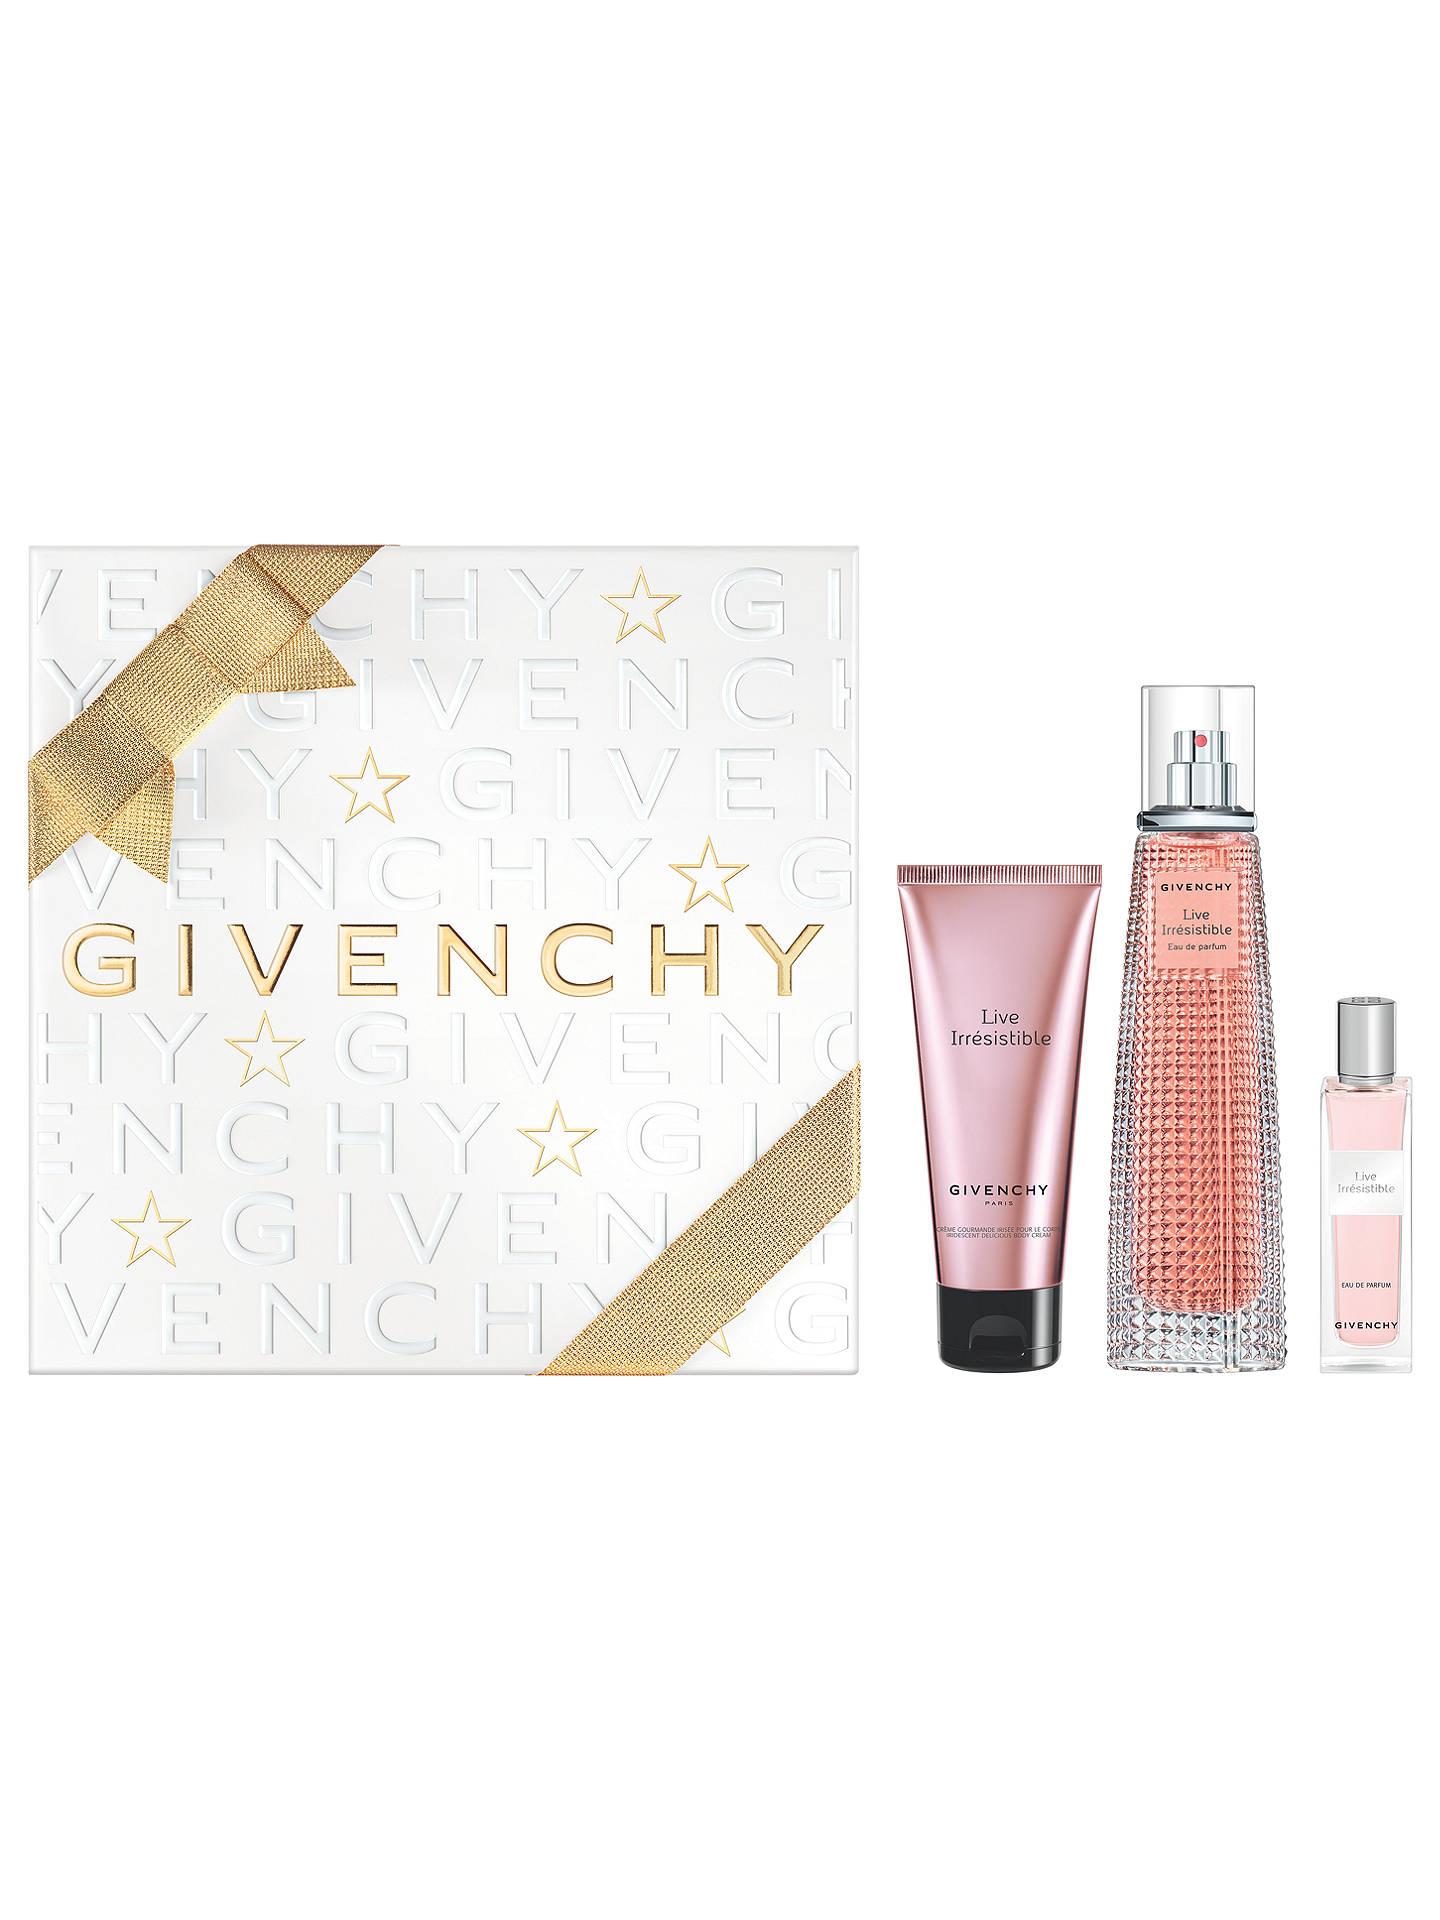 a8e6236a6b Buy Givenchy Live Irrésistible 75ml Eau de Parfum Fragrance Gift Set Online  at johnlewis.com